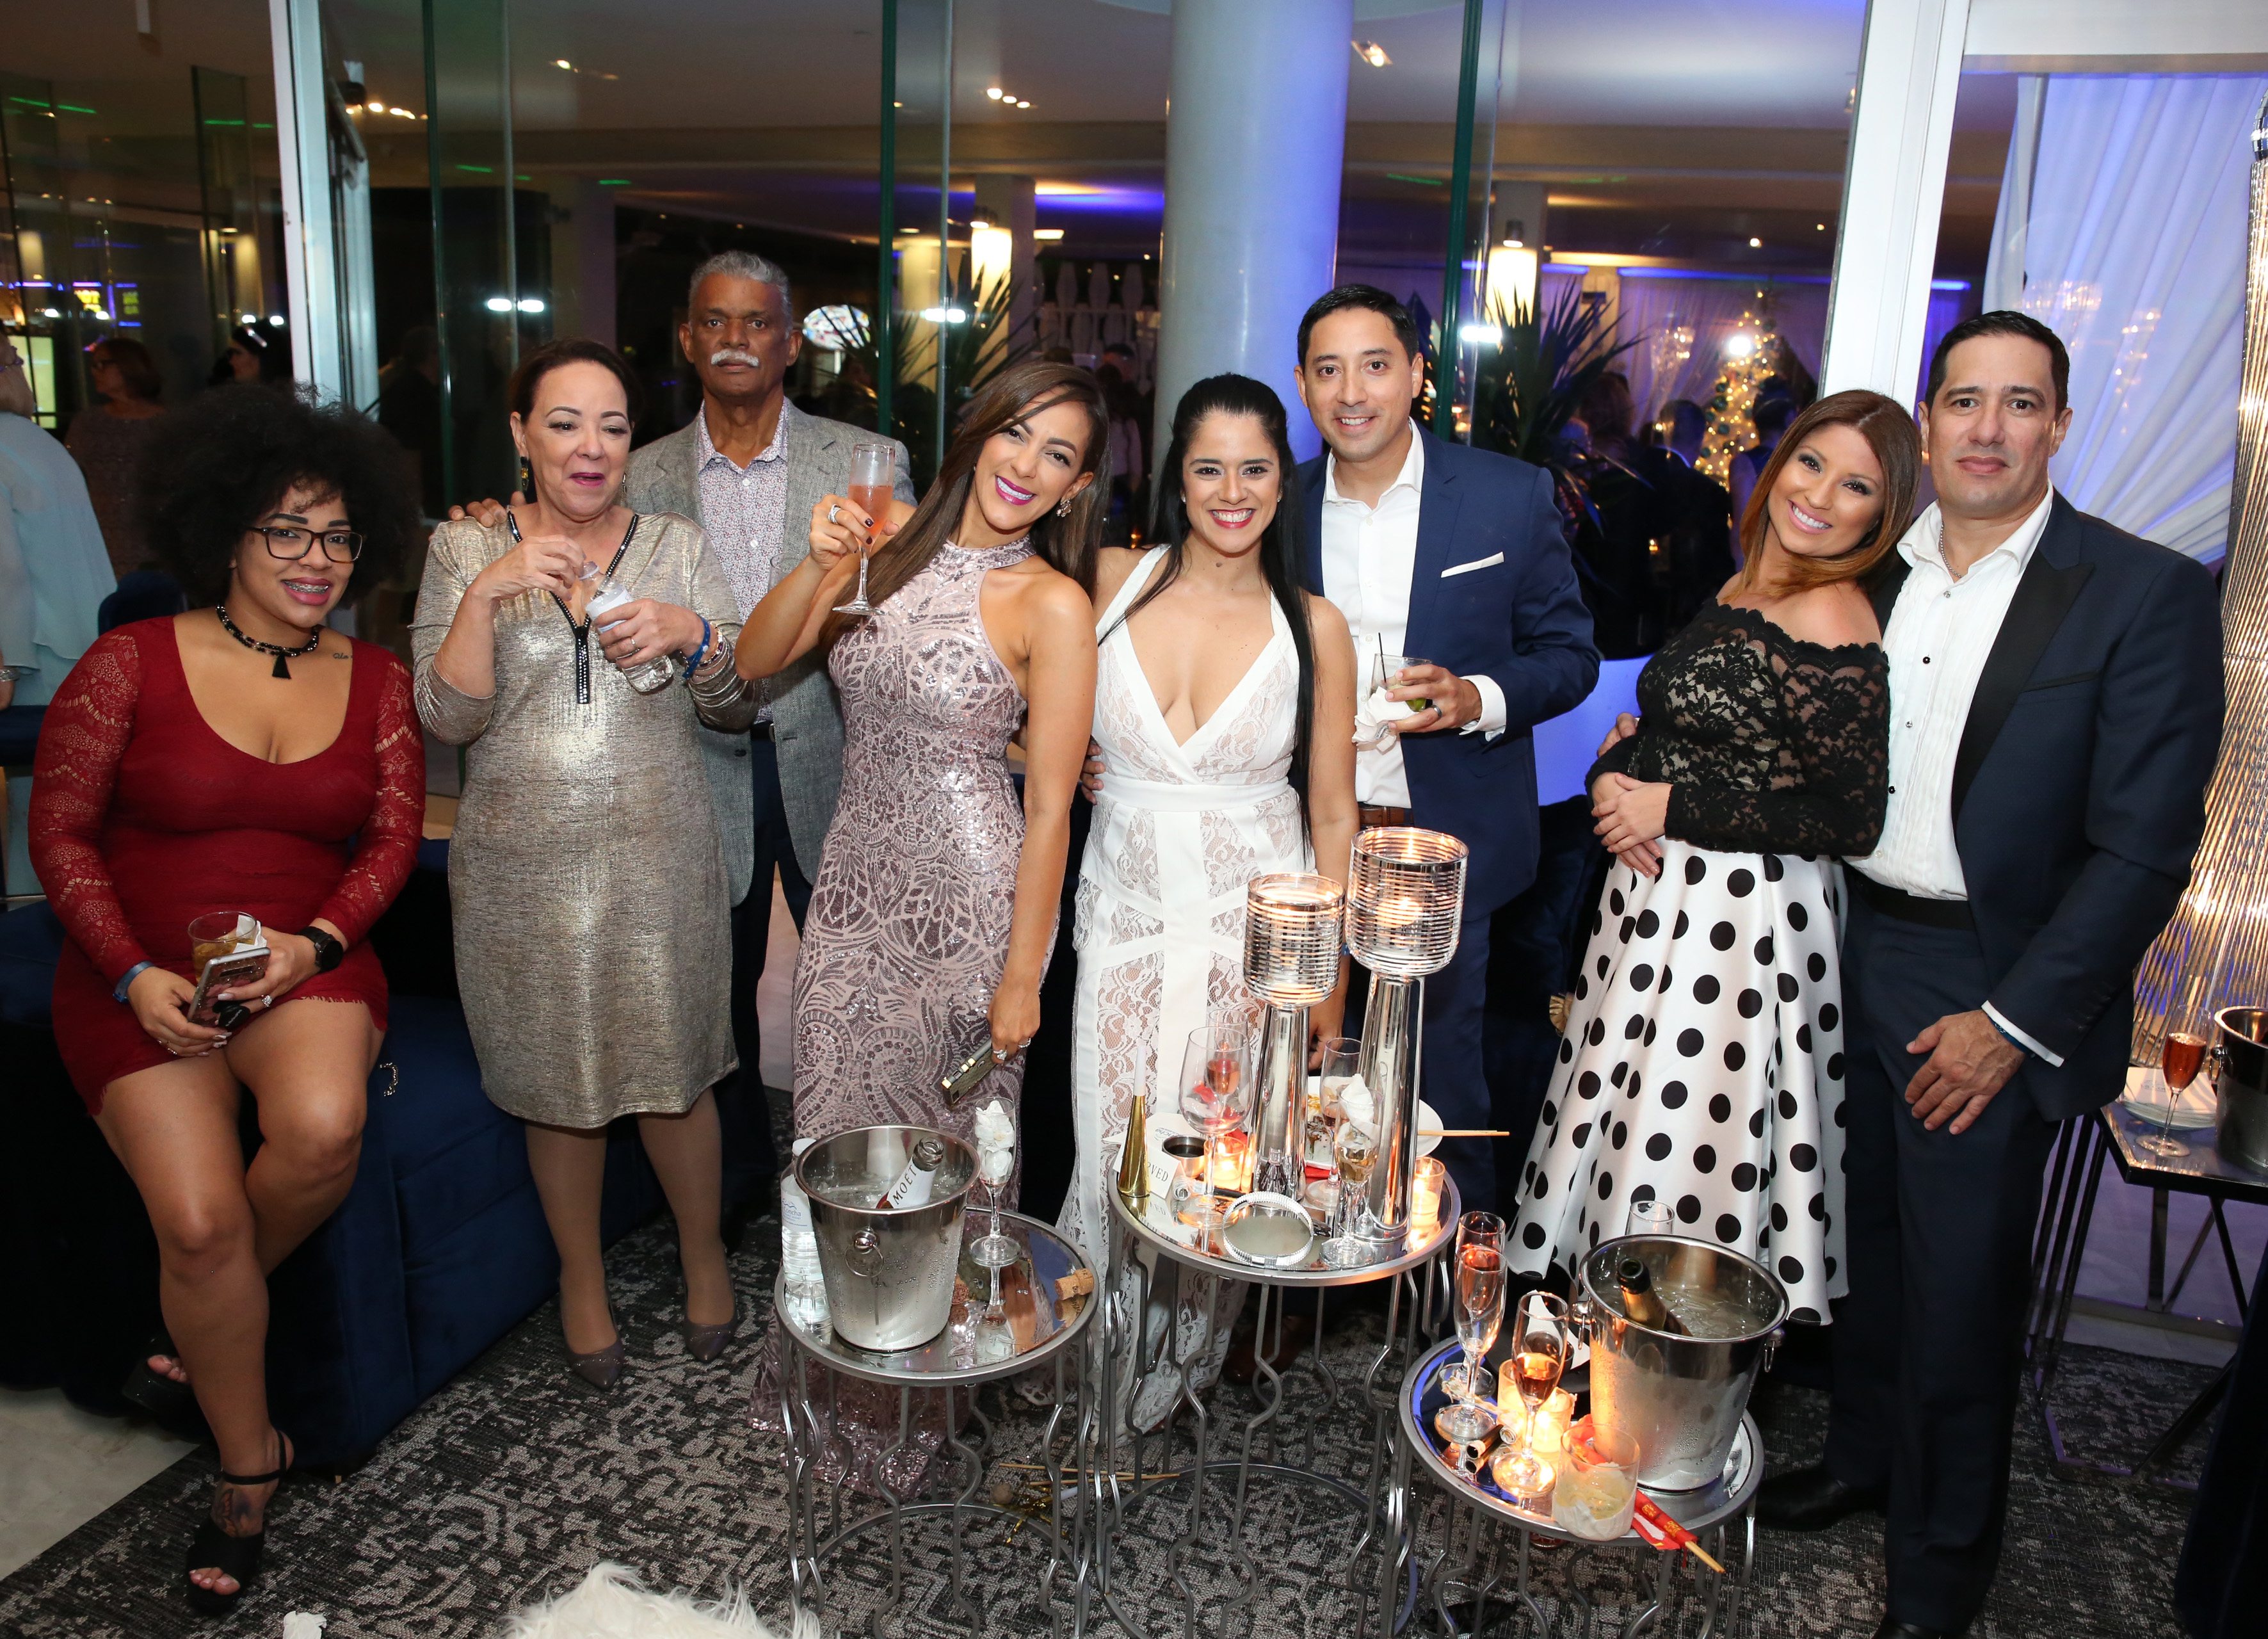 Grupo de invitados comparte en la fiesta de año nuevo en La Concha. Cientos de personas se dieron cita en Lobby Bar y Solera, ambientado para la ocasión por The Lounge en tonos de blanco, plateado y azul, con iluminación azul y ámbar de Music Factory Suministradas